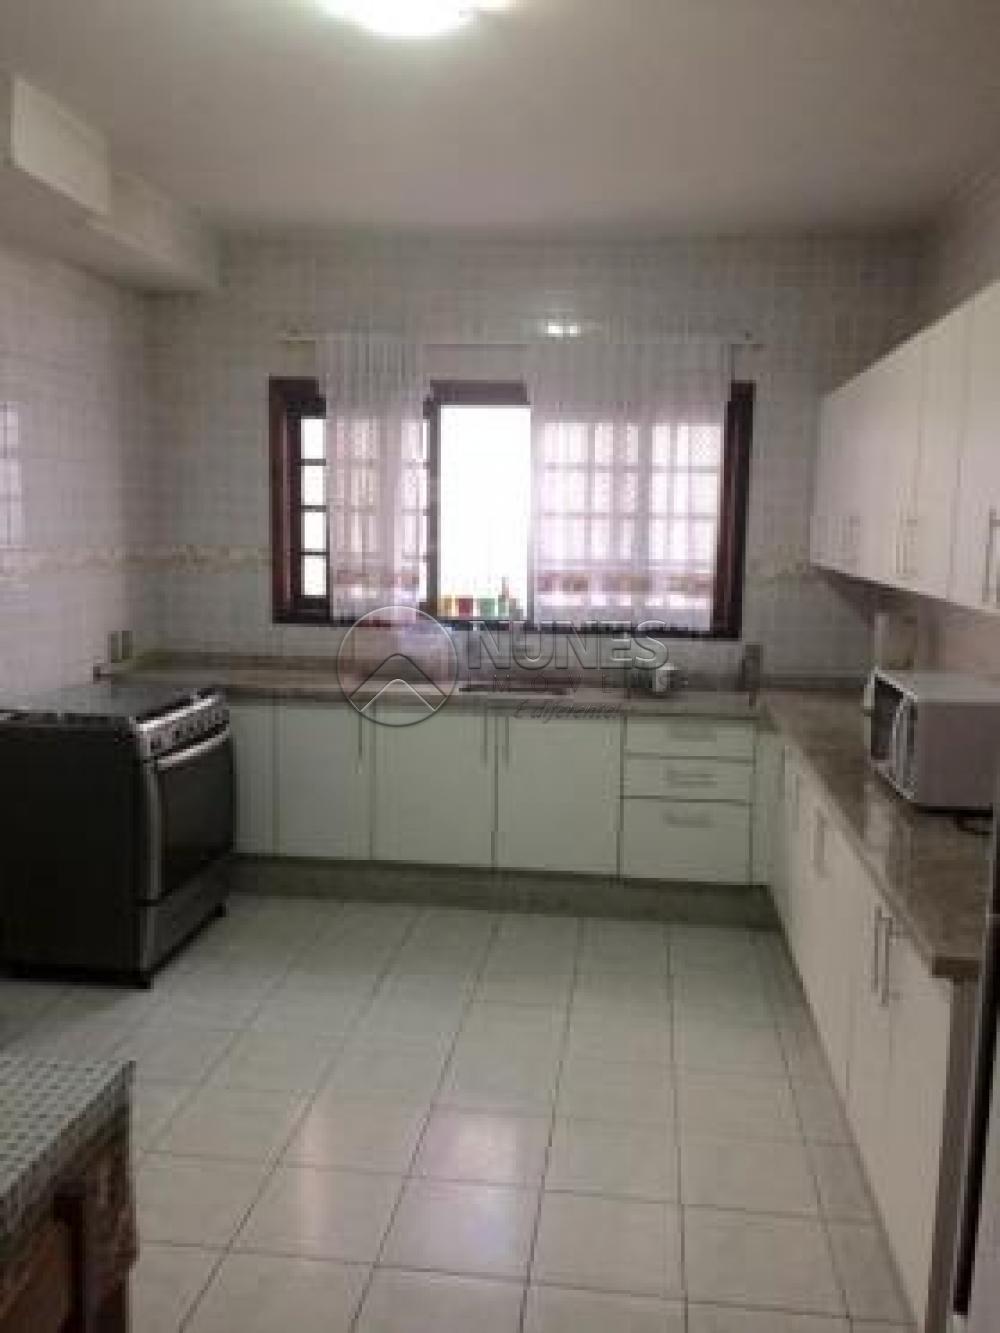 Comprar Casa / Sobrado em Carapicuíba apenas R$ 800.000,00 - Foto 8